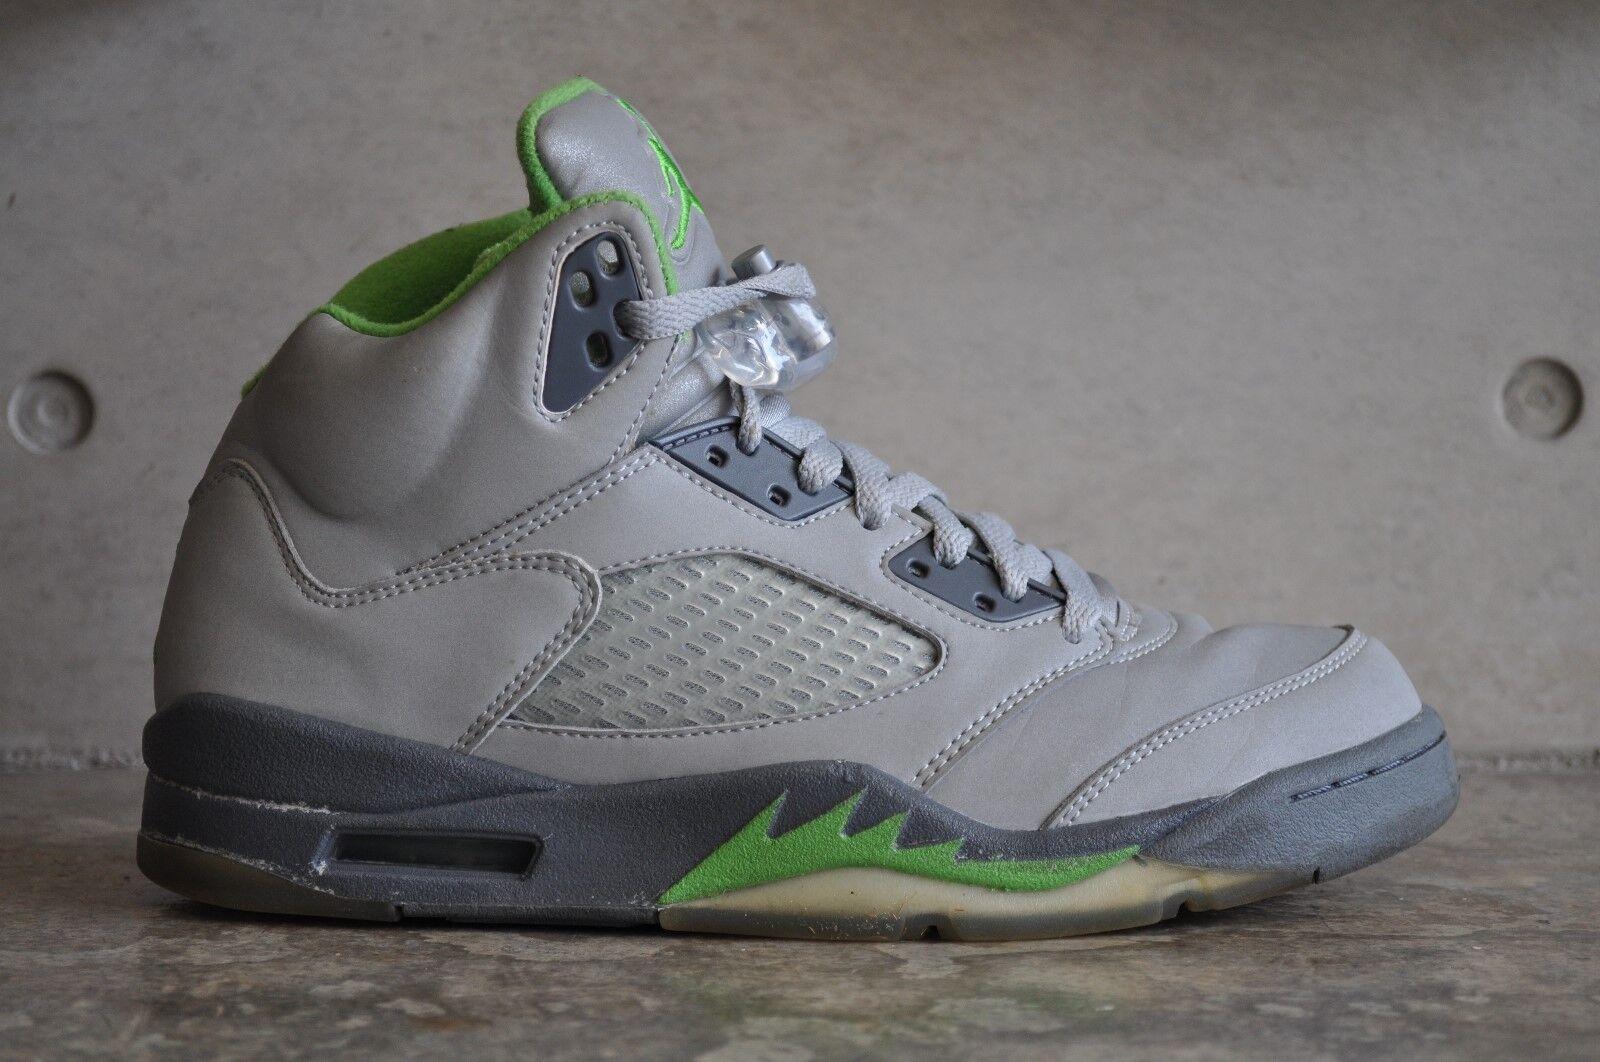 Nike Air Jordan 5 Retro  Green Bean  2006 - Silver Green Bean-Flint Grey 6.5 UK